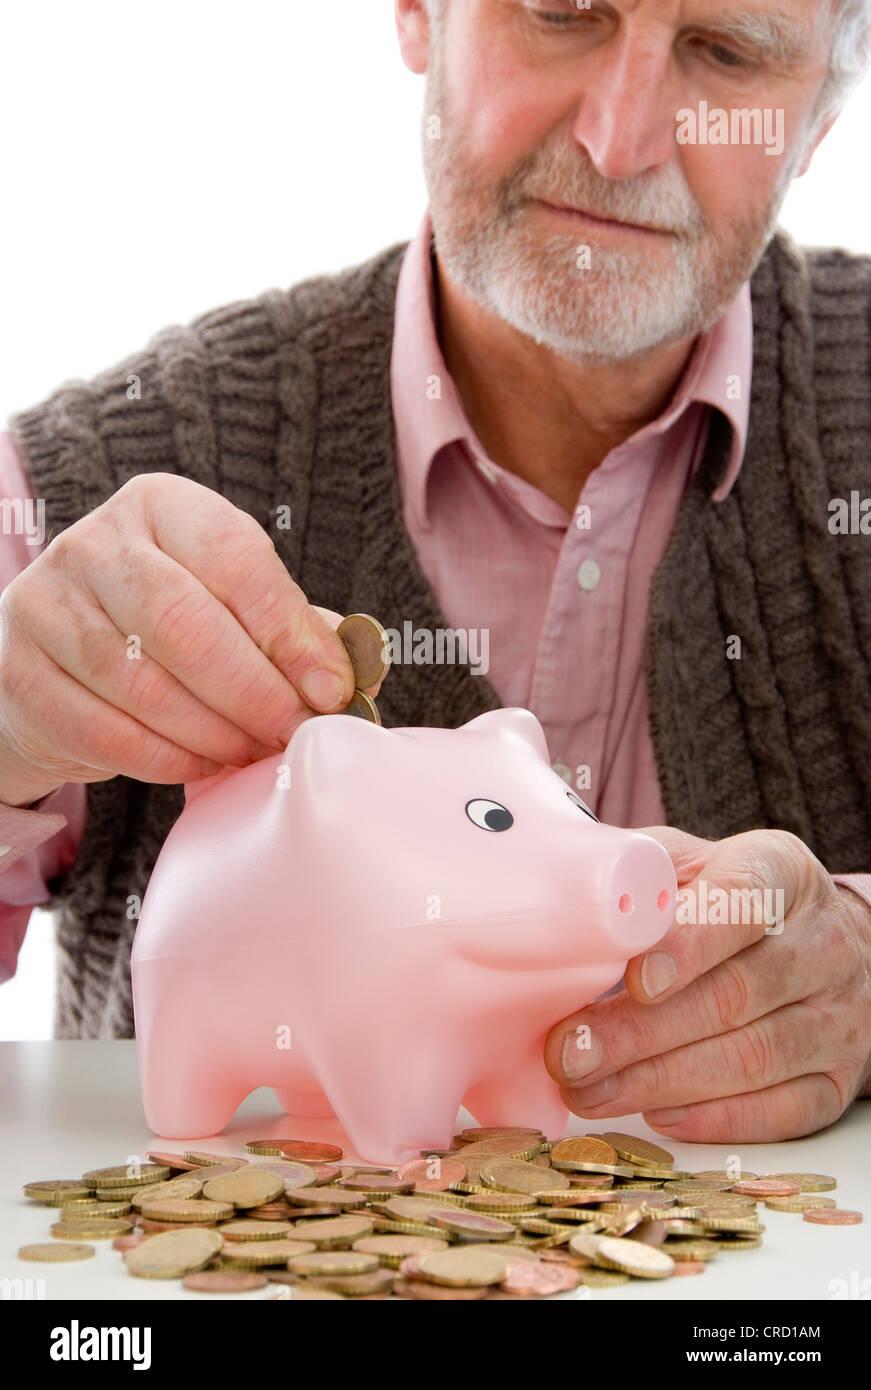 symbolisch für Rentner mit Mindestrente Stockbild